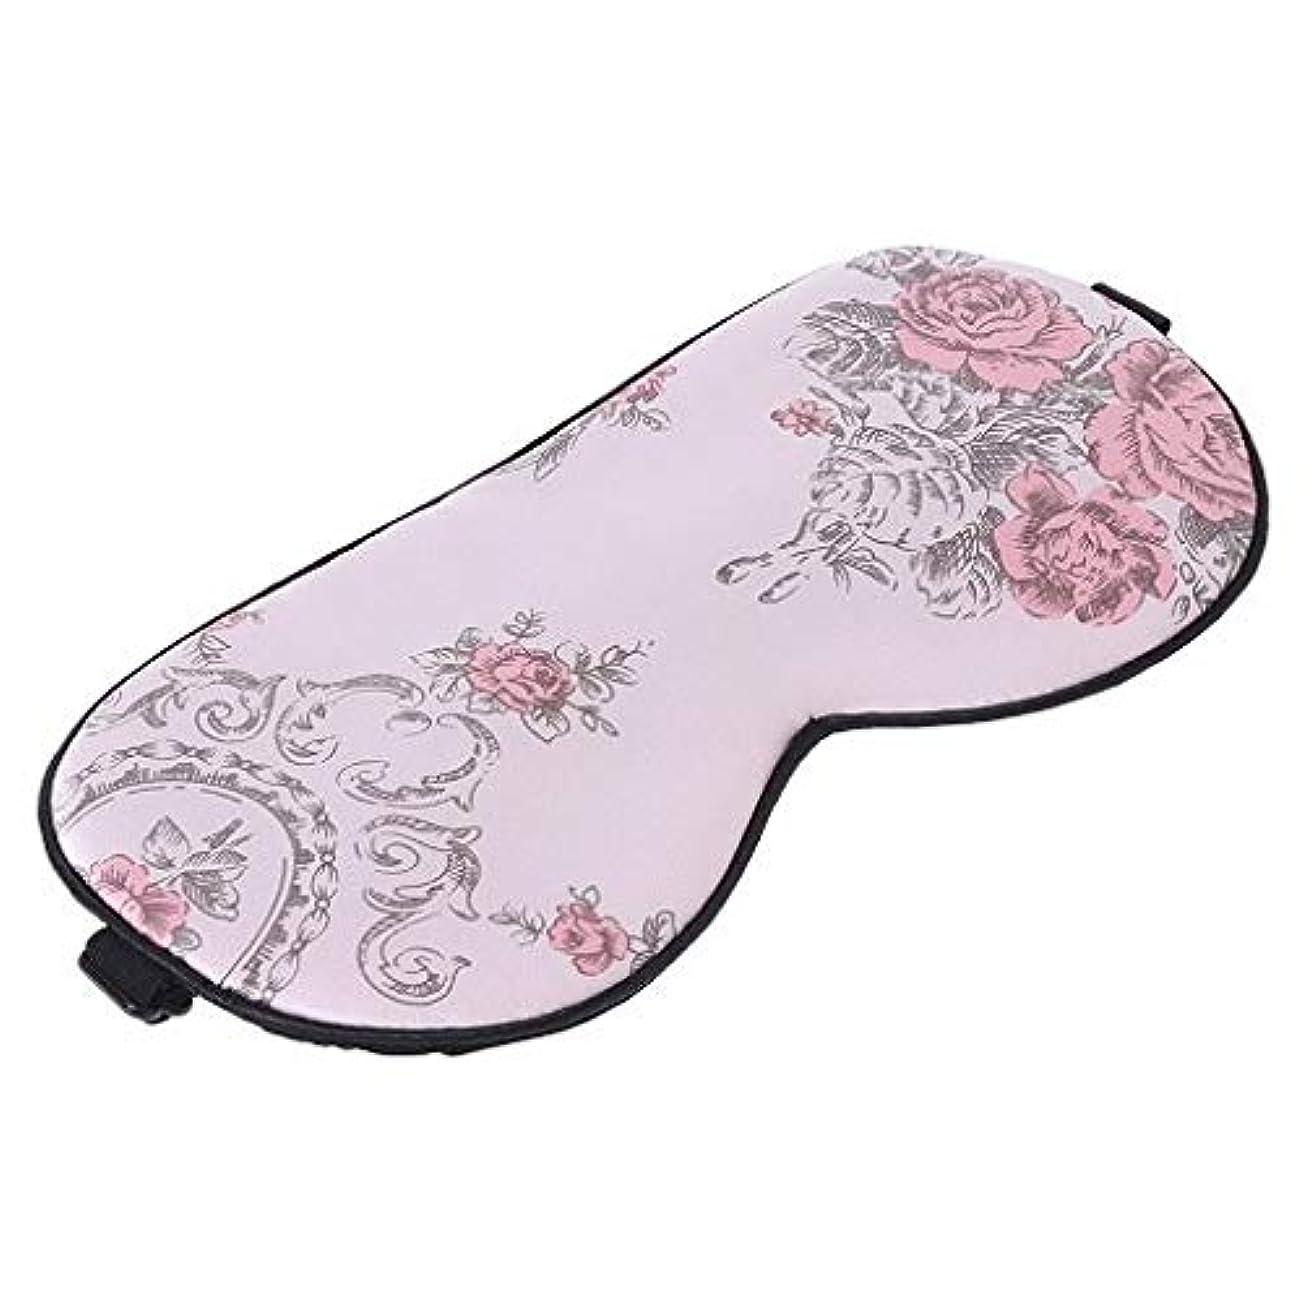 コントラスト不十分な記憶NOTE ZRLOWR 1ピース新しいシルクスリープアイマスク花柄睡眠旅行アイウェアマスク包帯